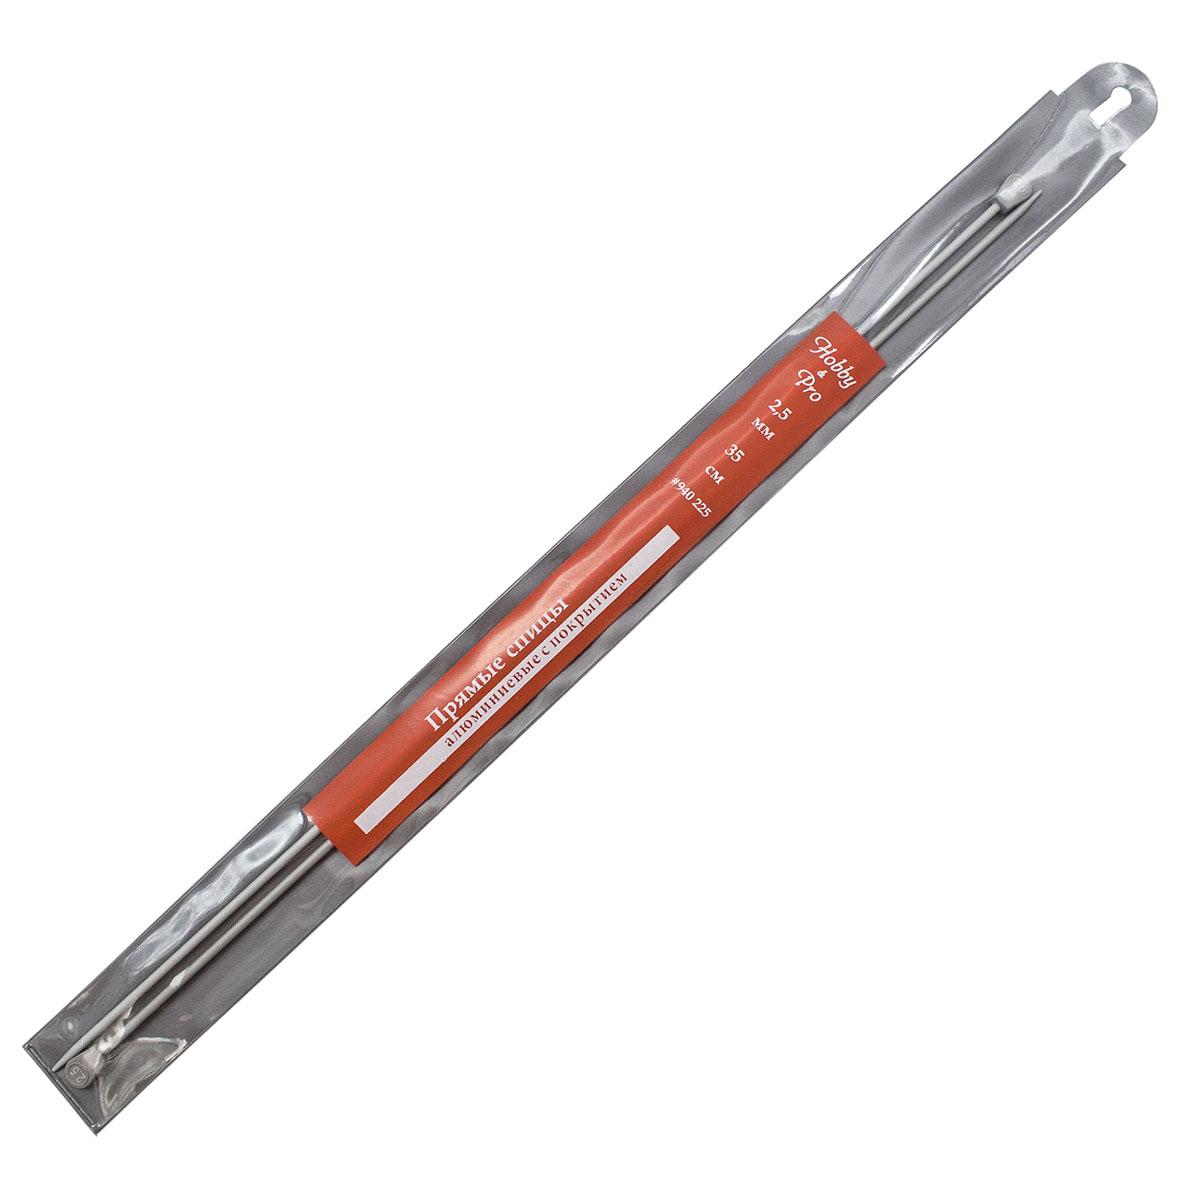 940225 Спицы прямые алюминиевые с покрытием 35см, 2,5мм Hobby&Pro